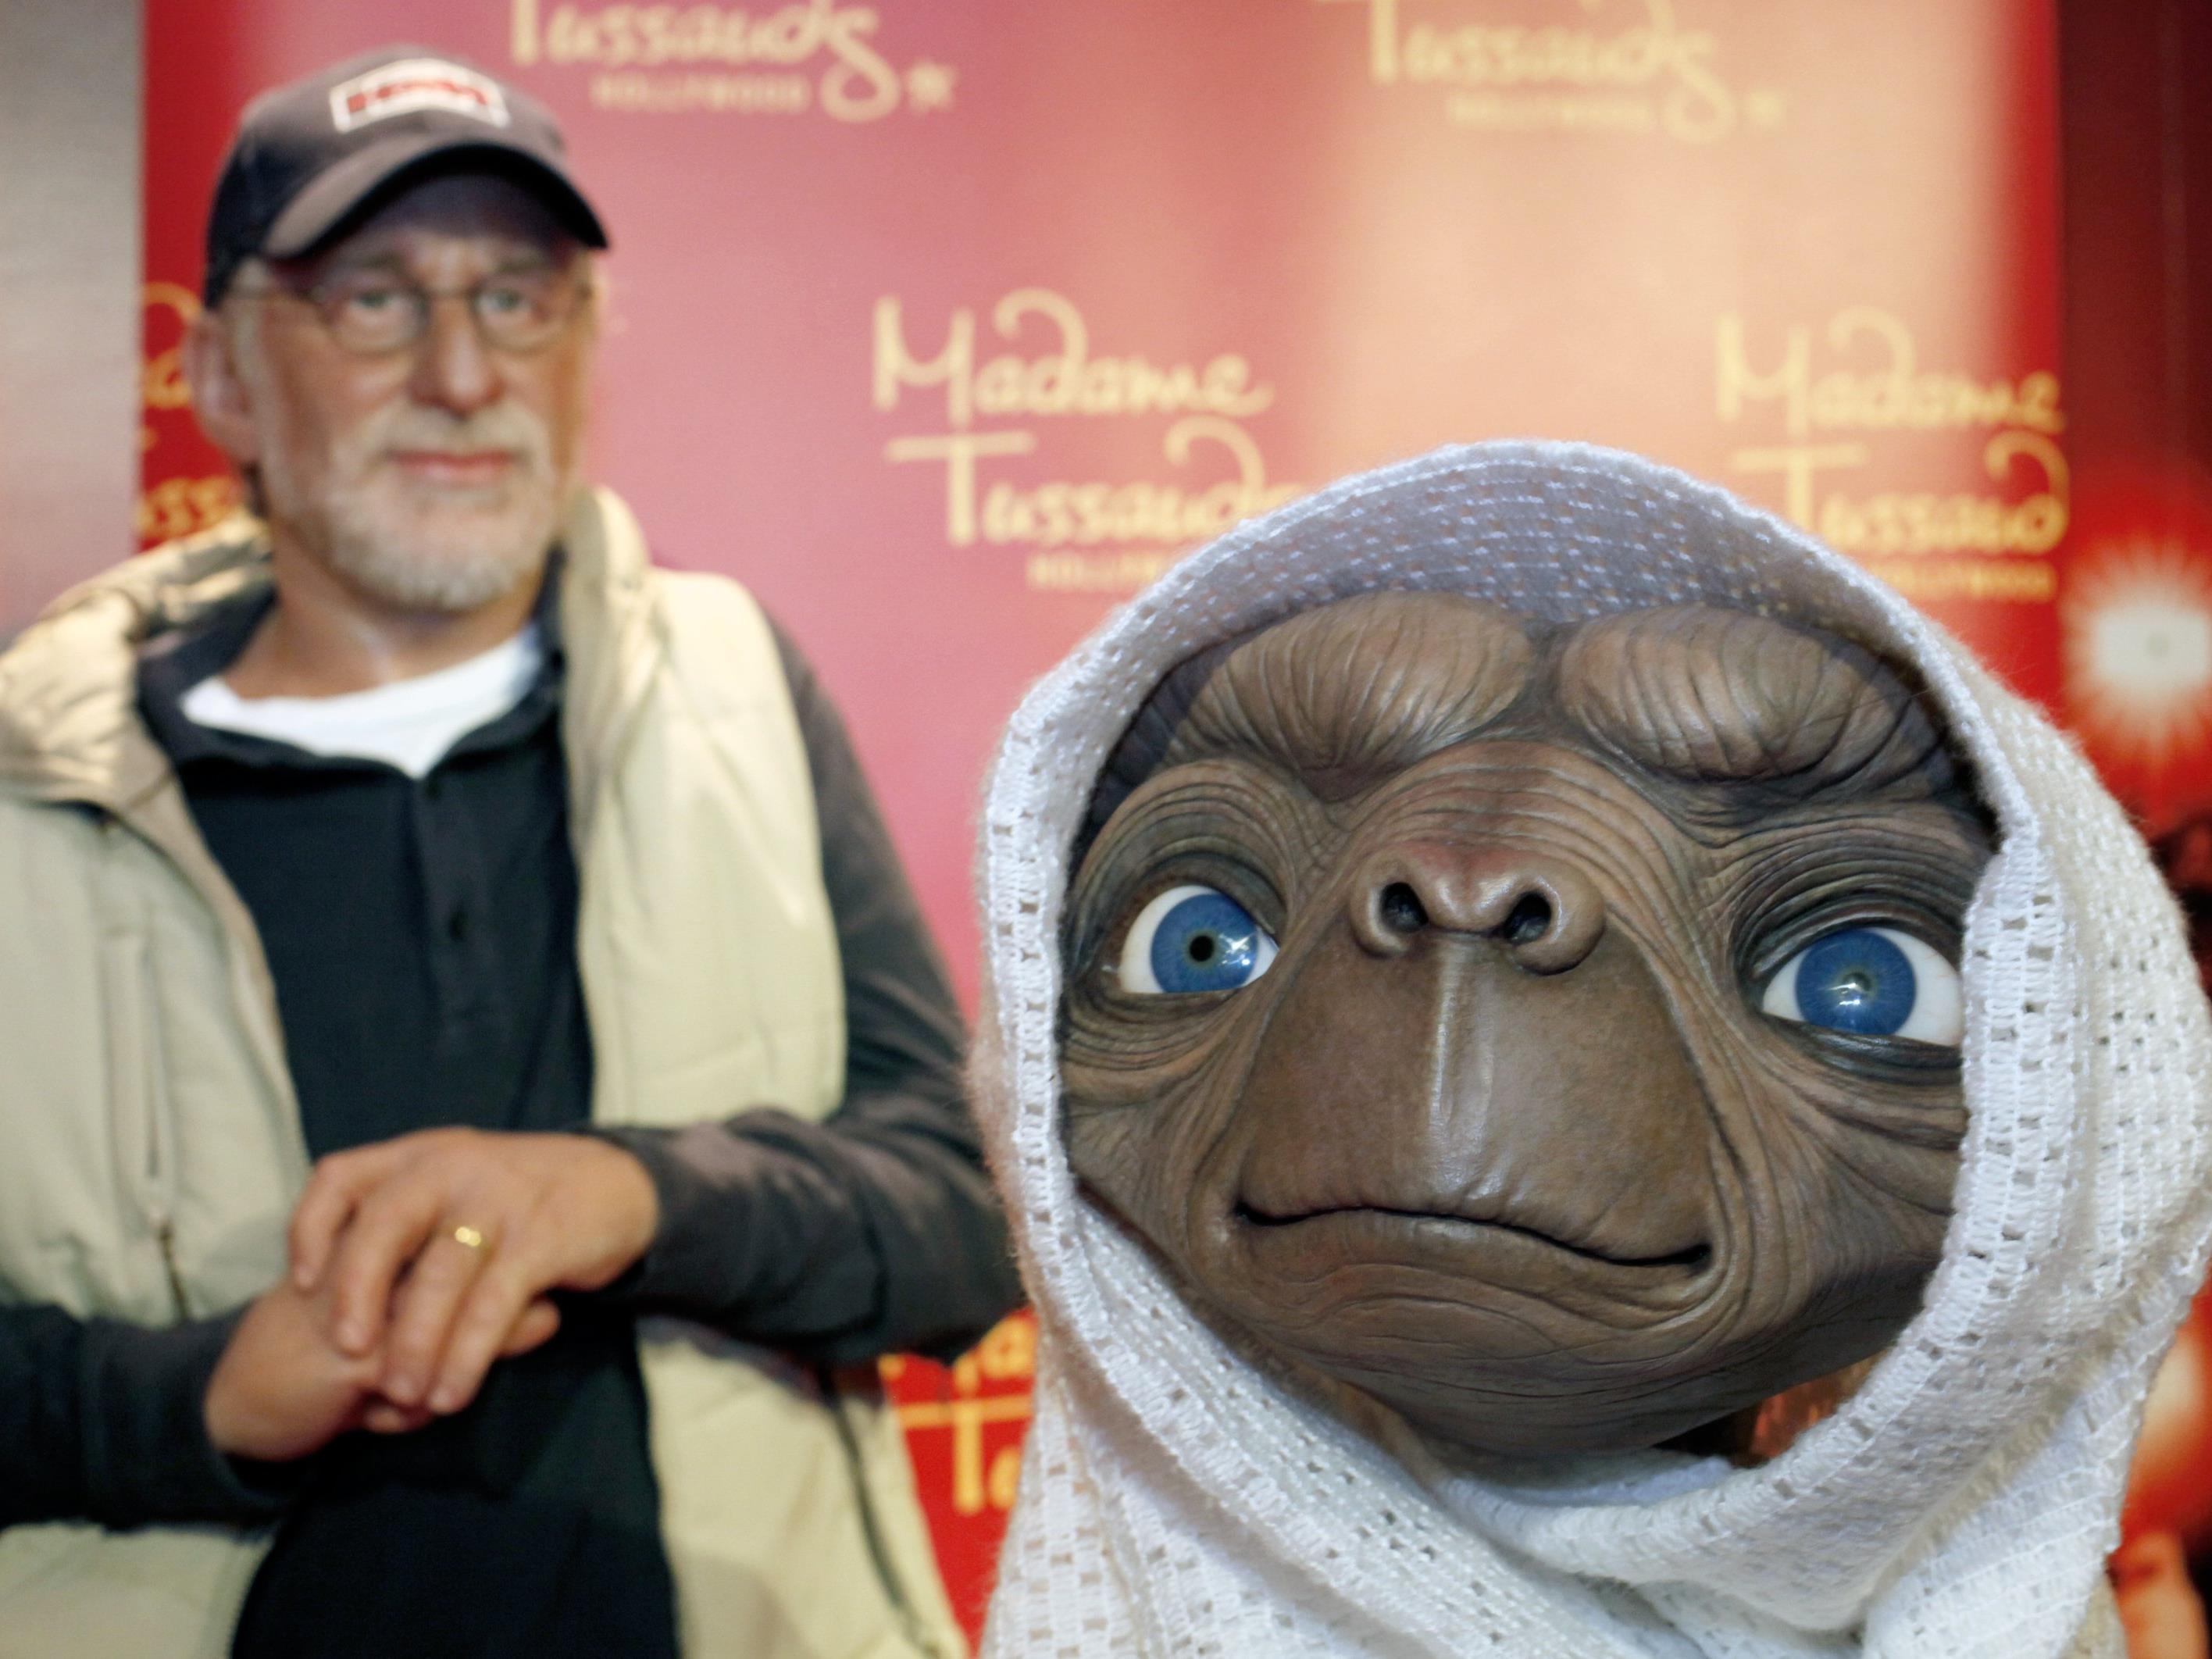 Der Film kam 1982 in die Kinos.